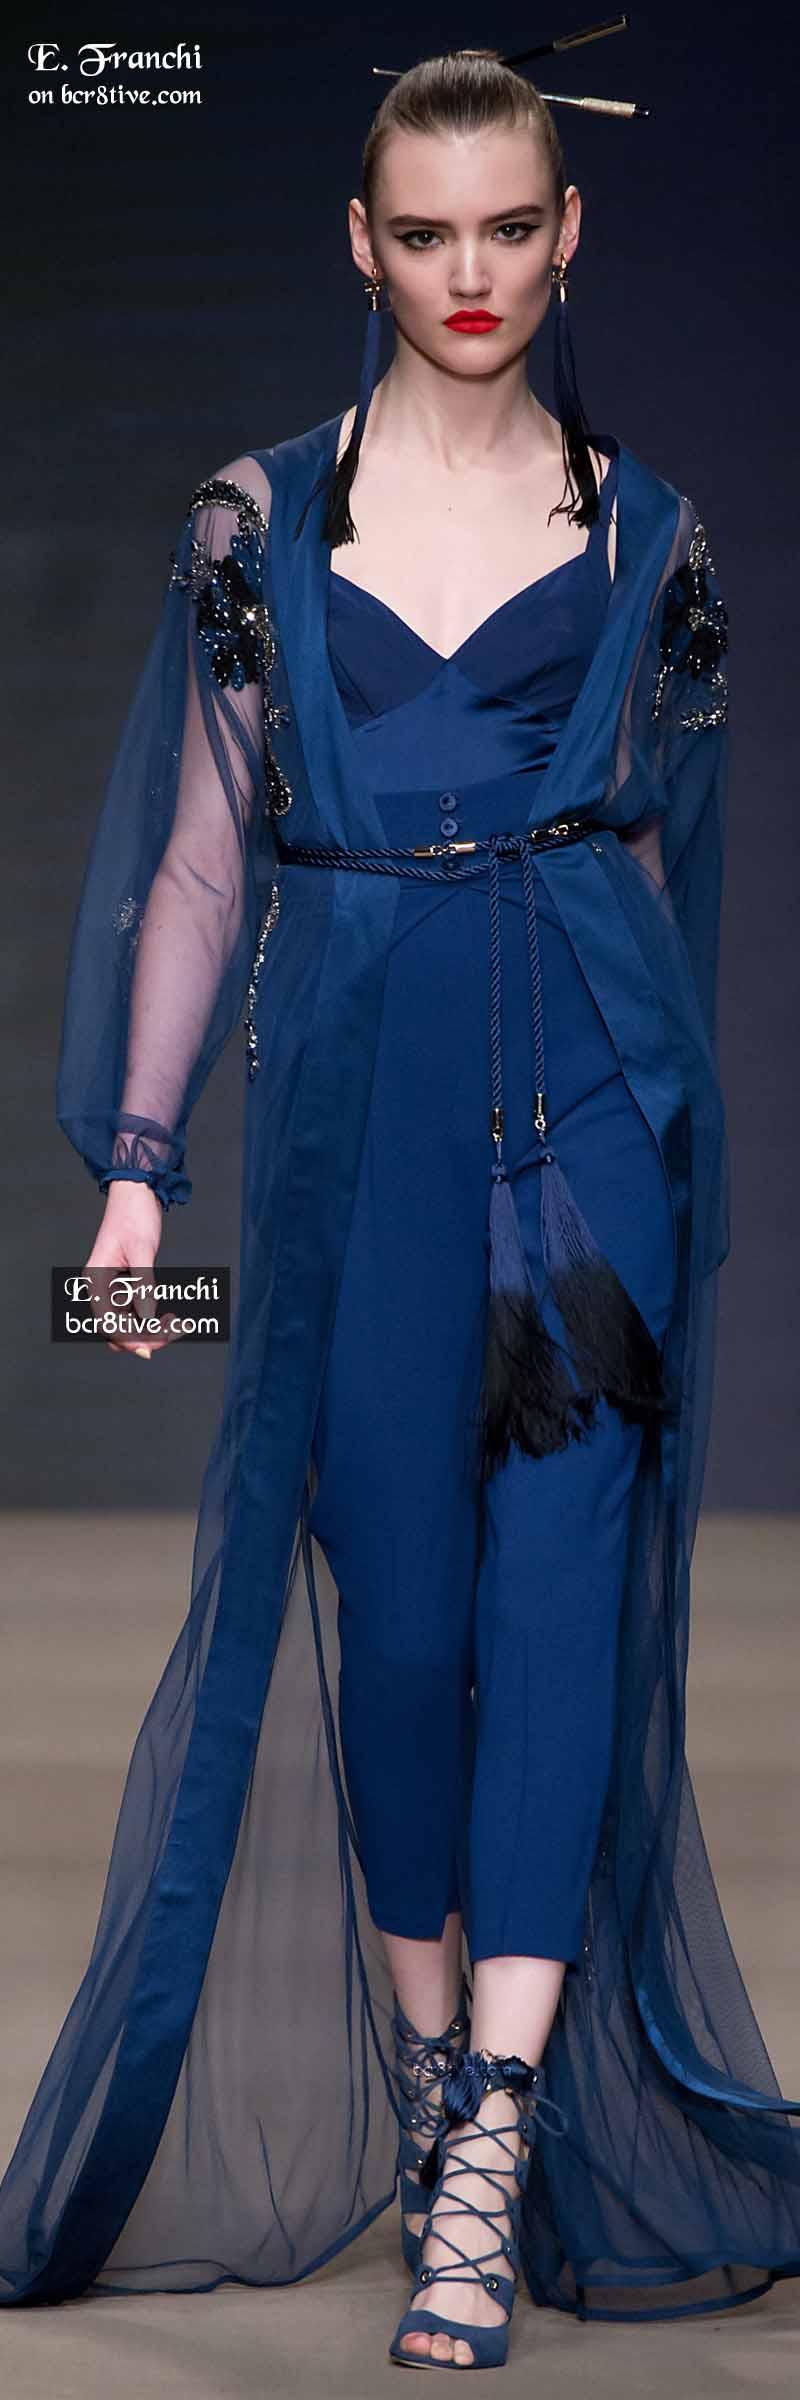 Elisabetta Franchi Fall 2015